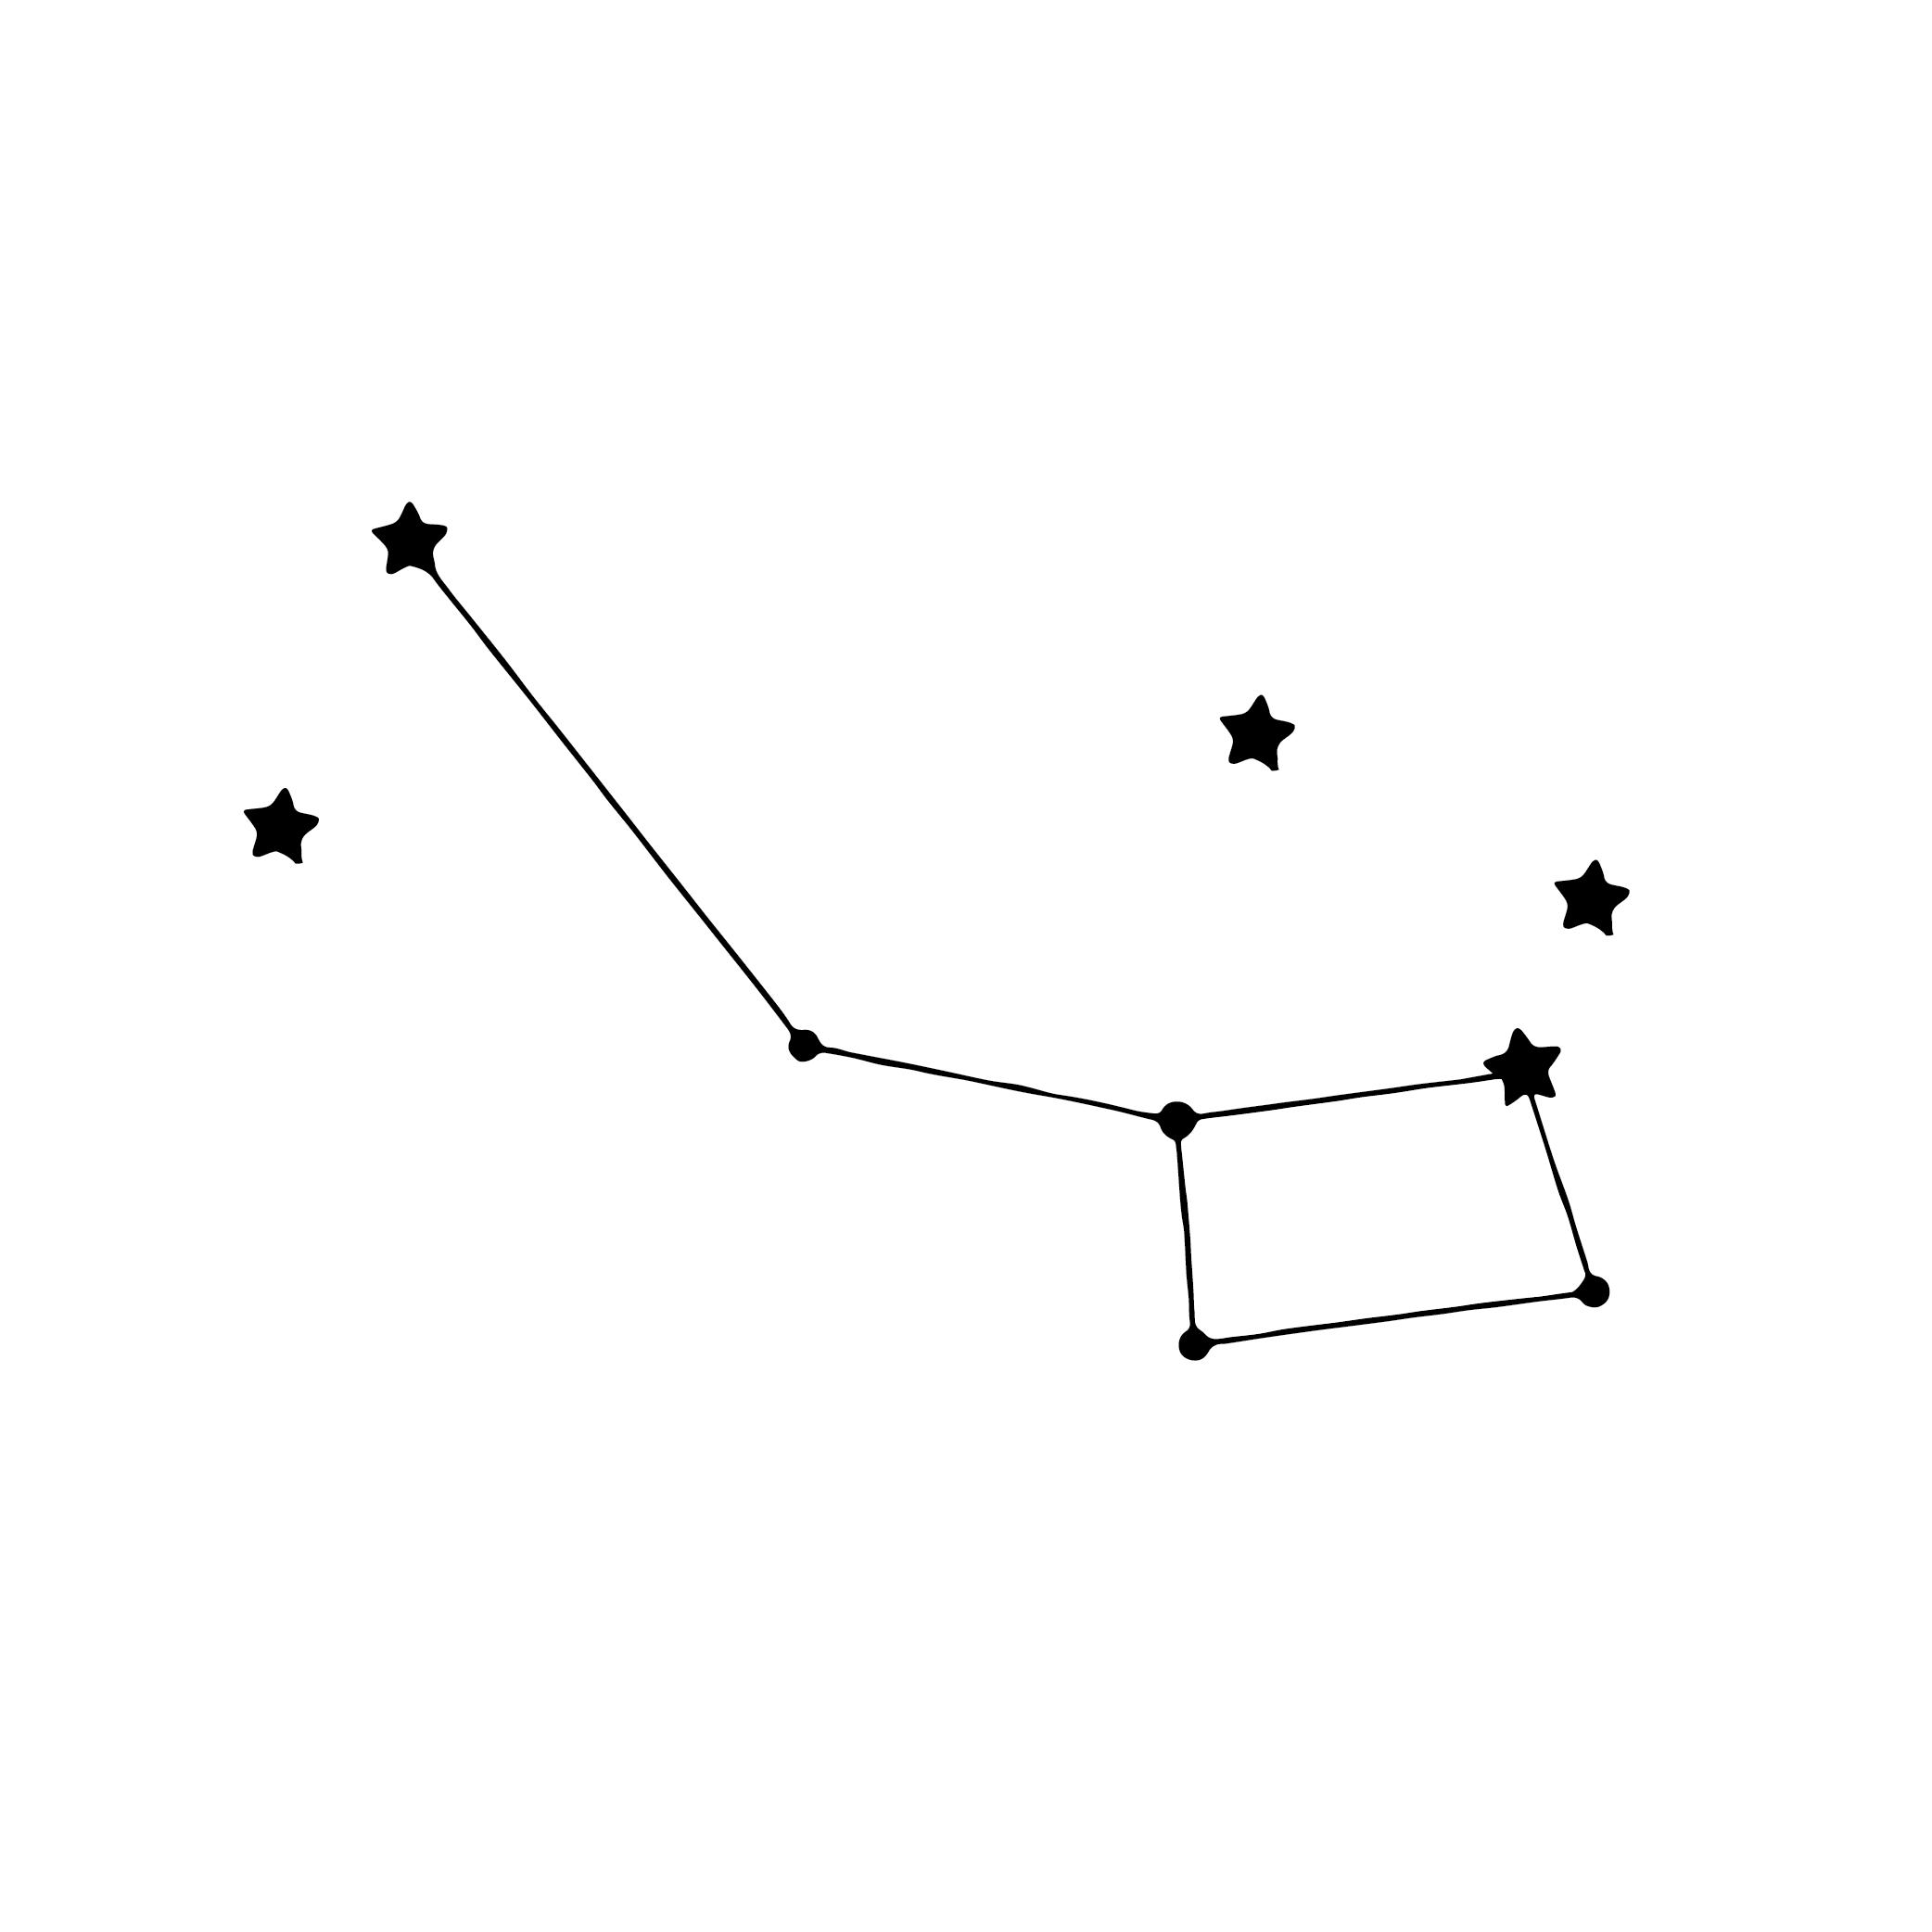 dipper-04.png